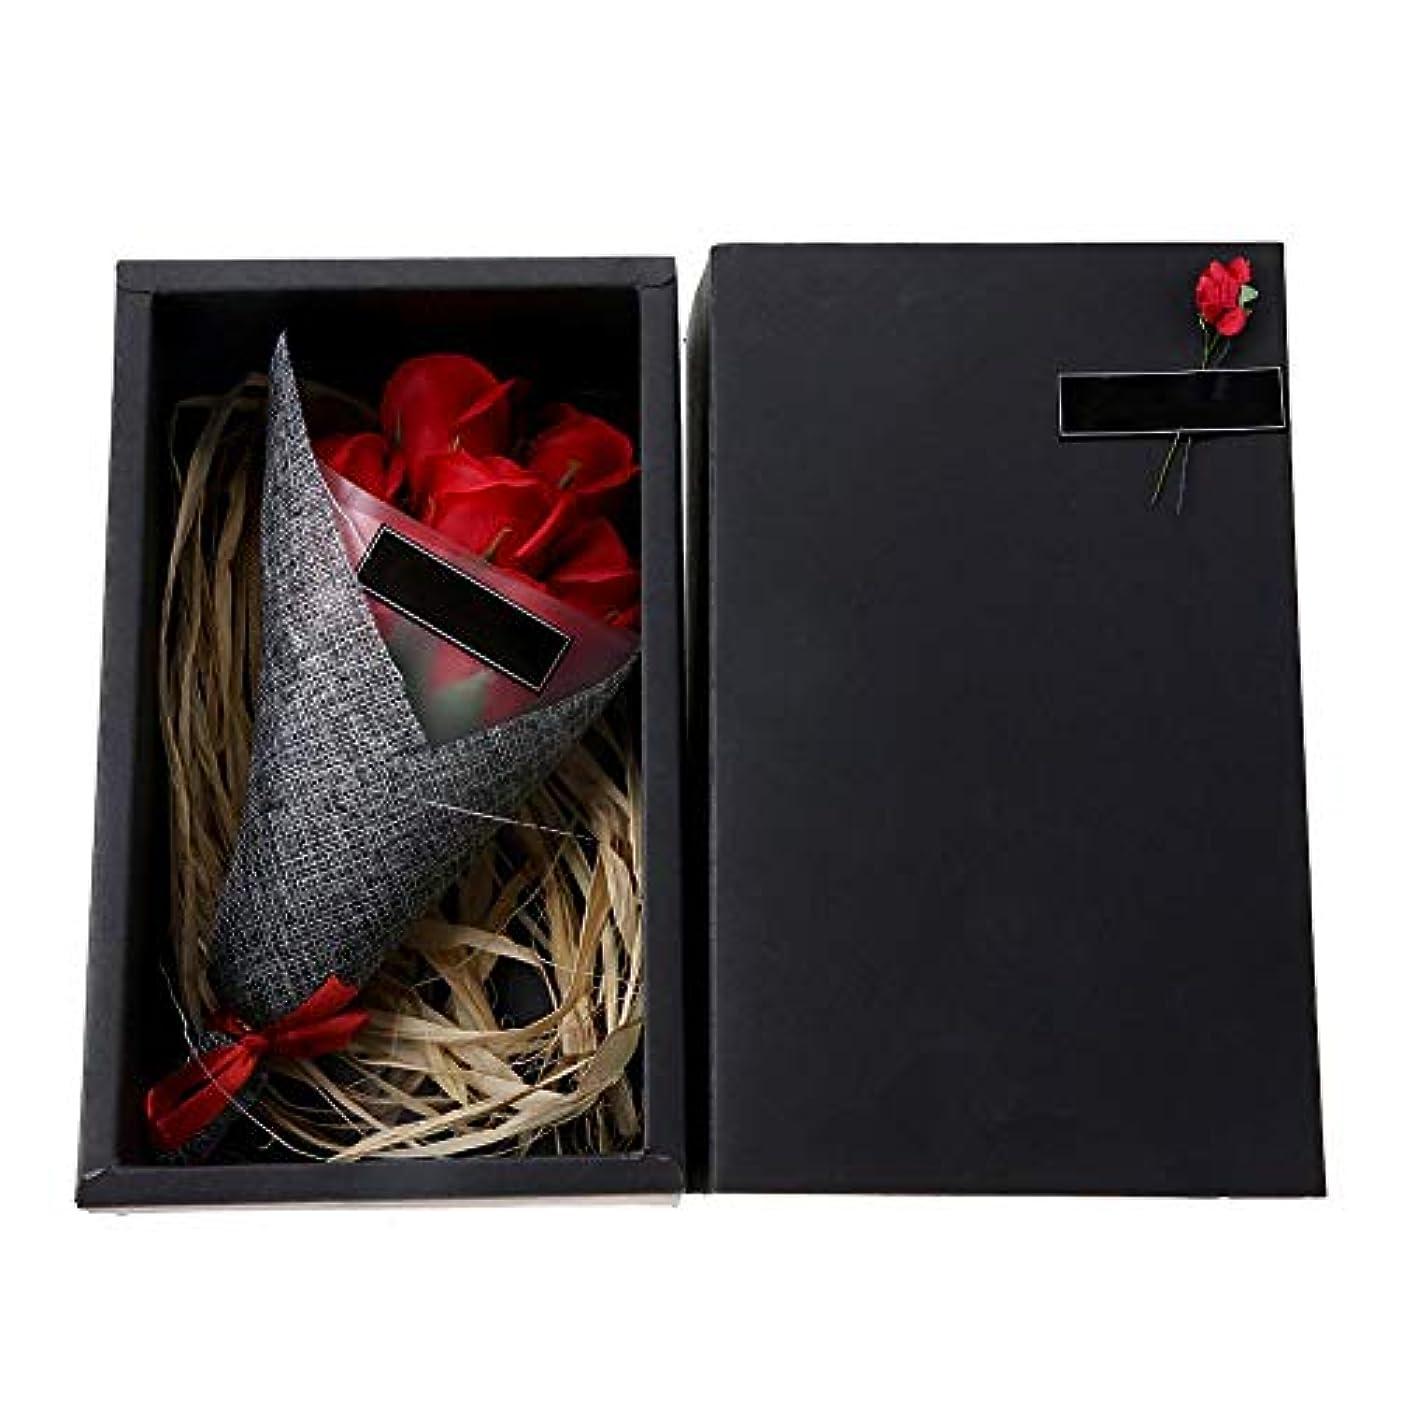 相関する拷問冊子石鹸の花-フランケンラントソープペタルフラワーフェアリーライトバレンタイン母の日のための部屋の装飾ギフト(赤いバラ)